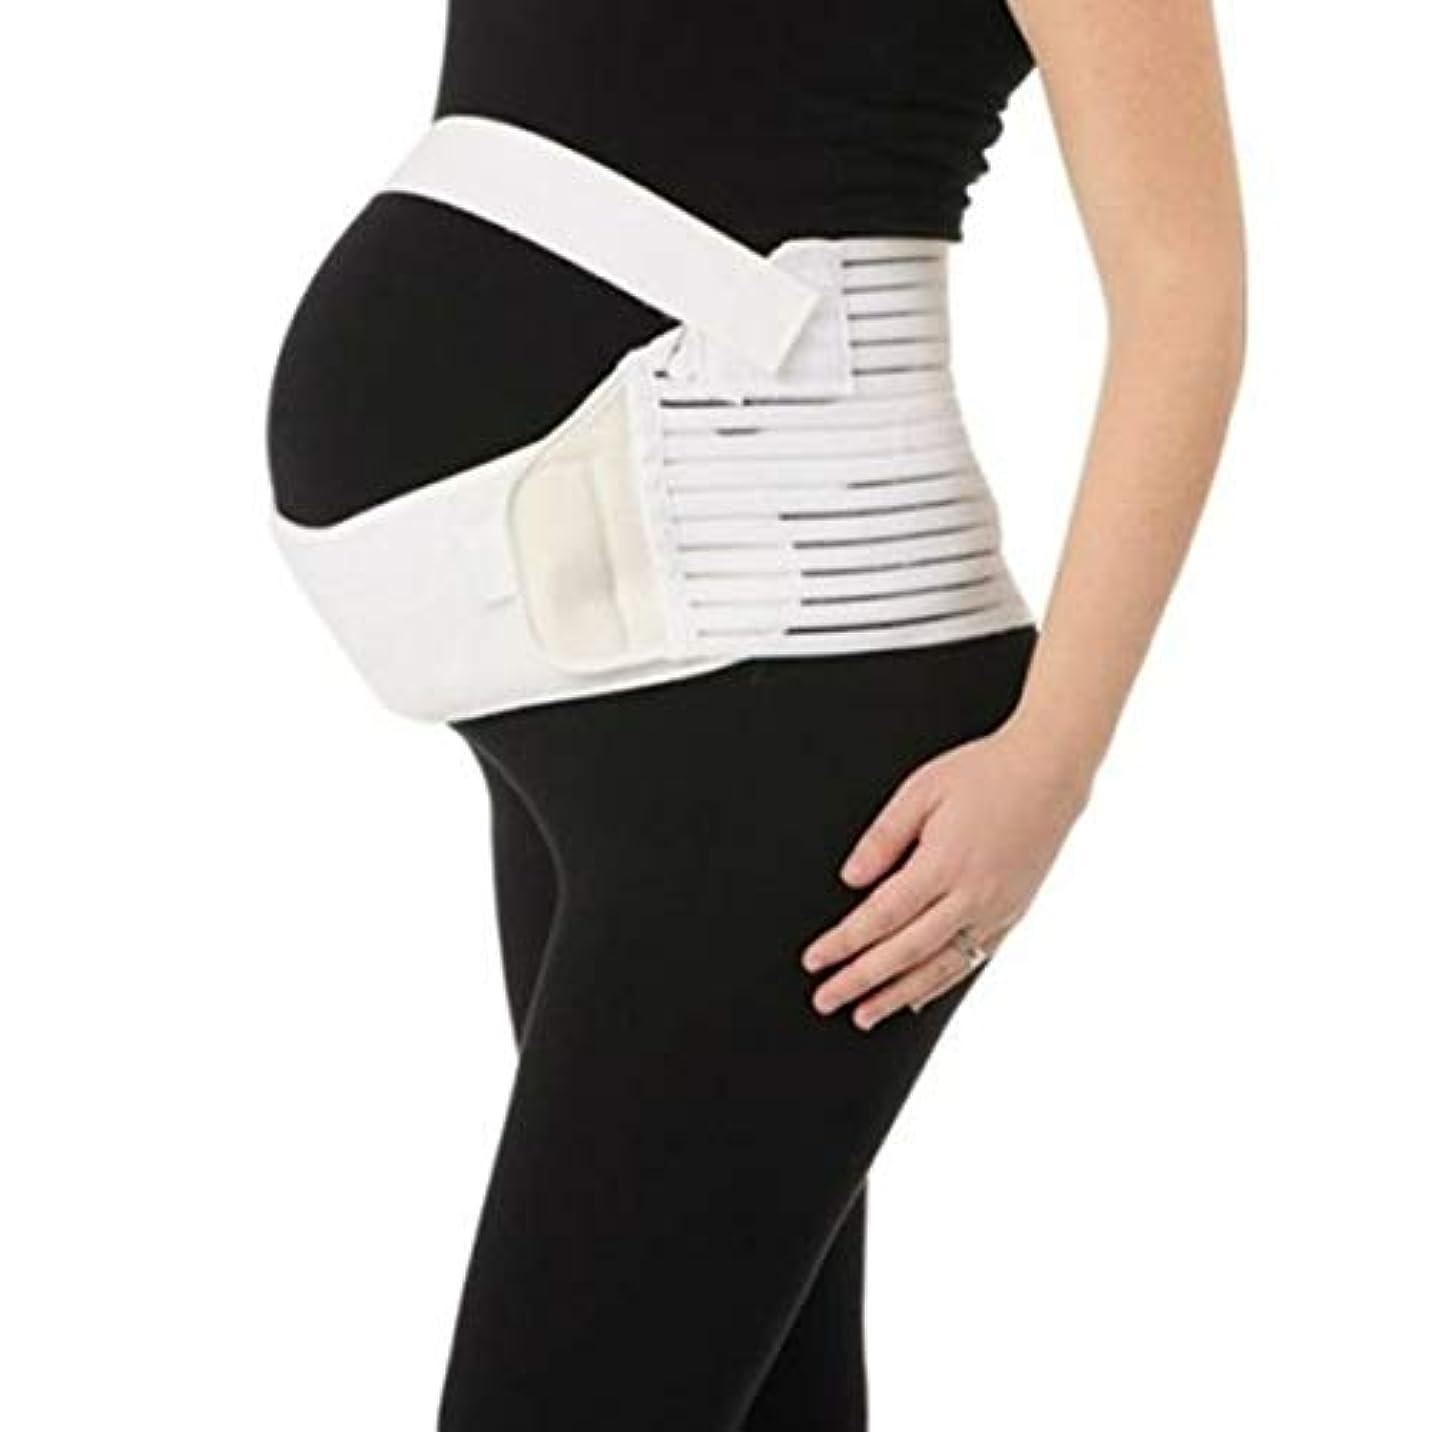 運賃湖崖通気性マタニティベルト妊娠腹部サポート腹部バインダーガードル運動包帯産後の回復shapewear - ホワイトL